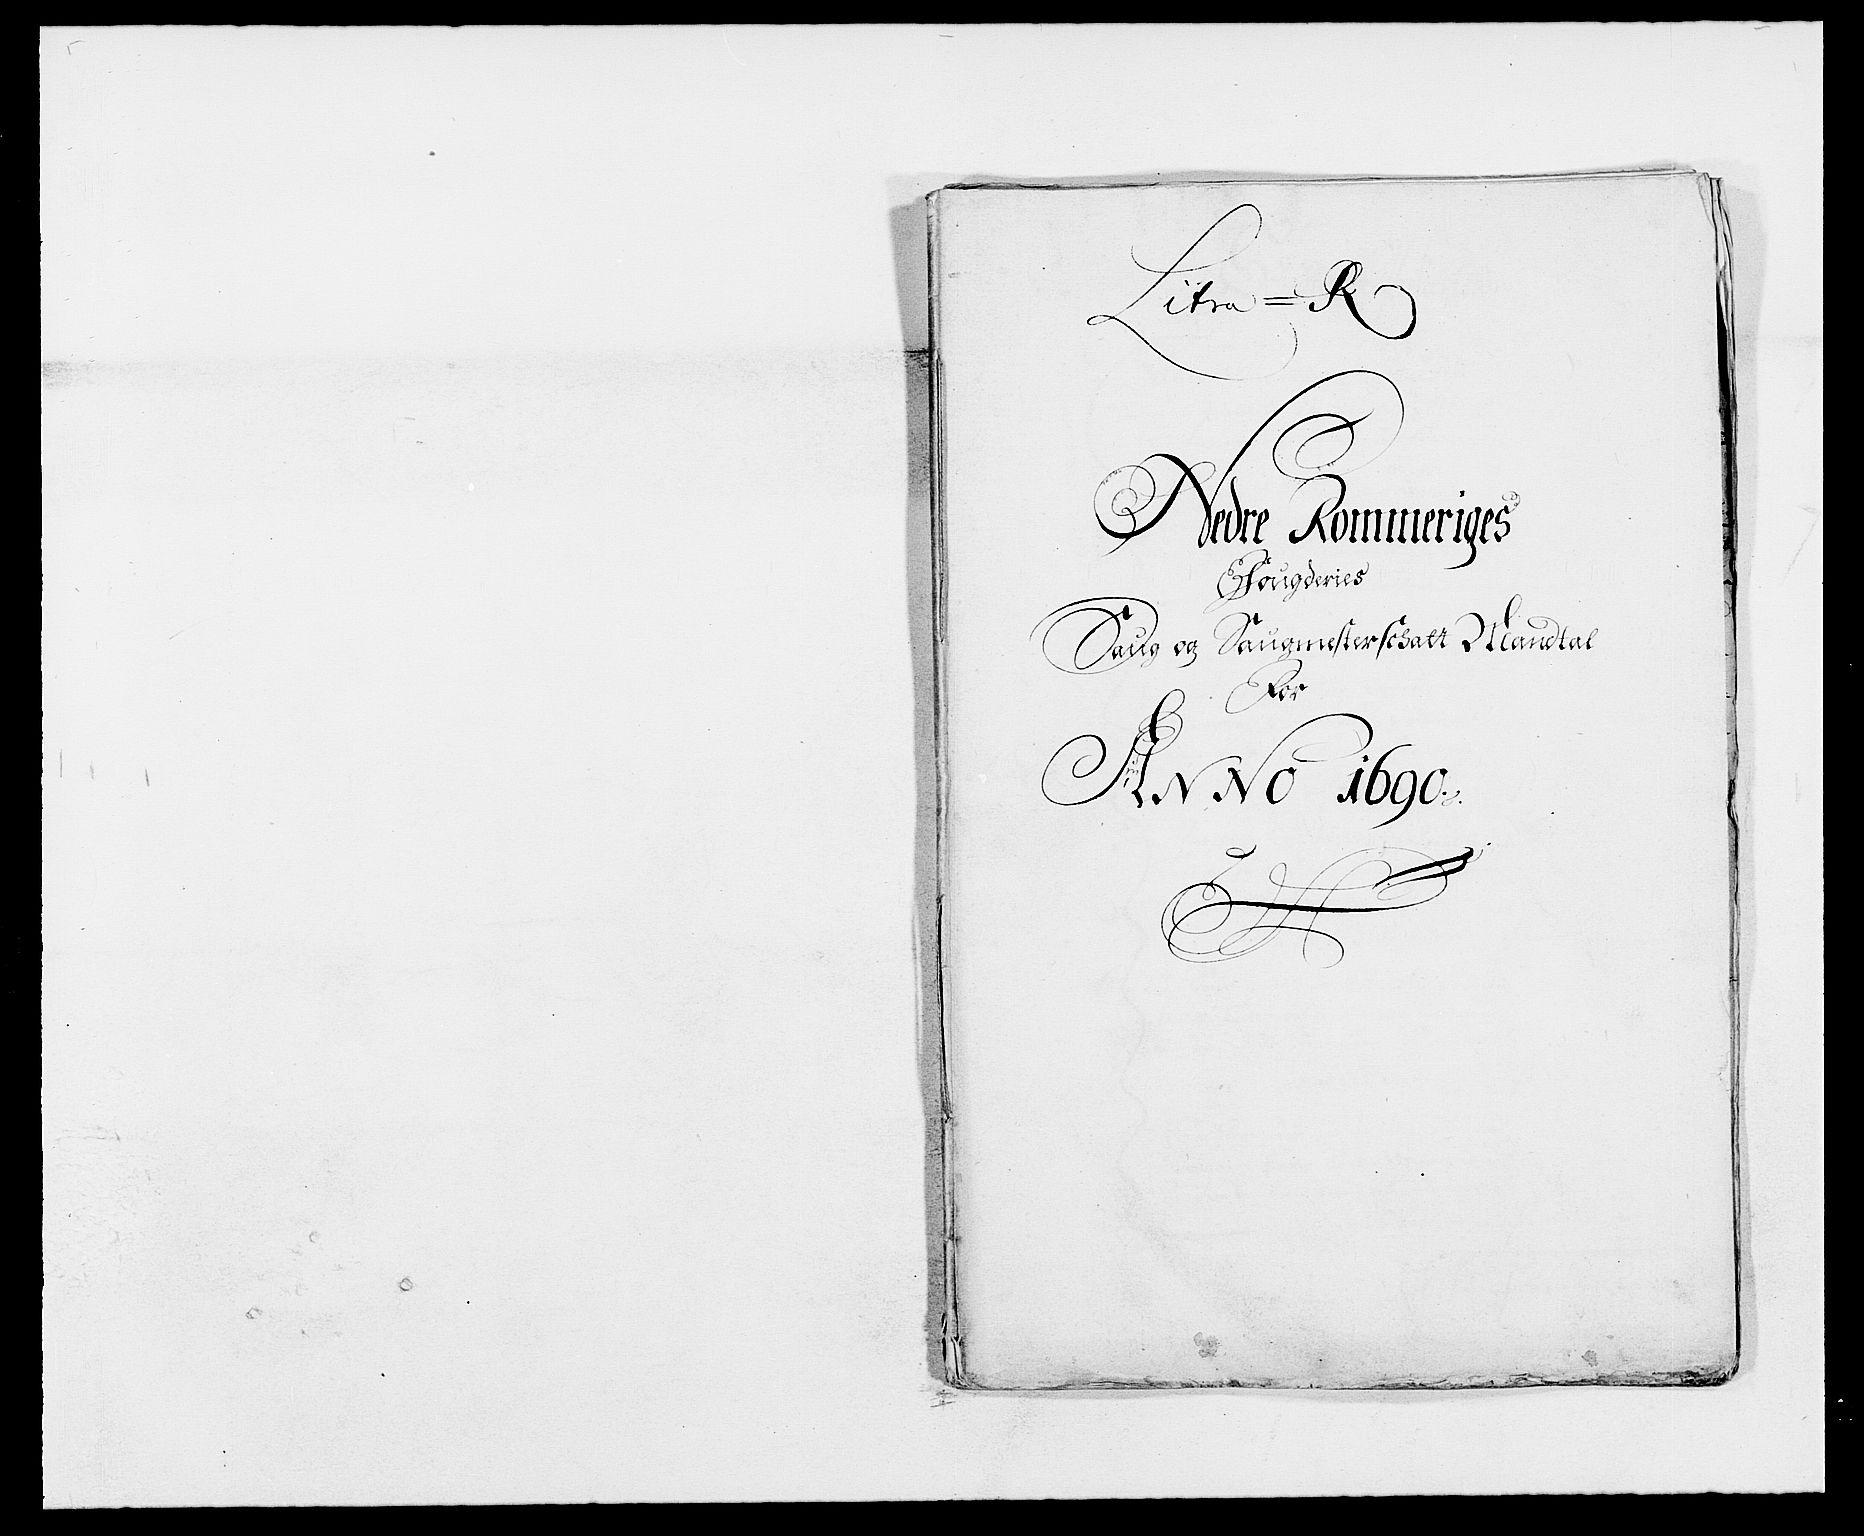 RA, Rentekammeret inntil 1814, Reviderte regnskaper, Fogderegnskap, R11/L0574: Fogderegnskap Nedre Romerike, 1689-1690, s. 371